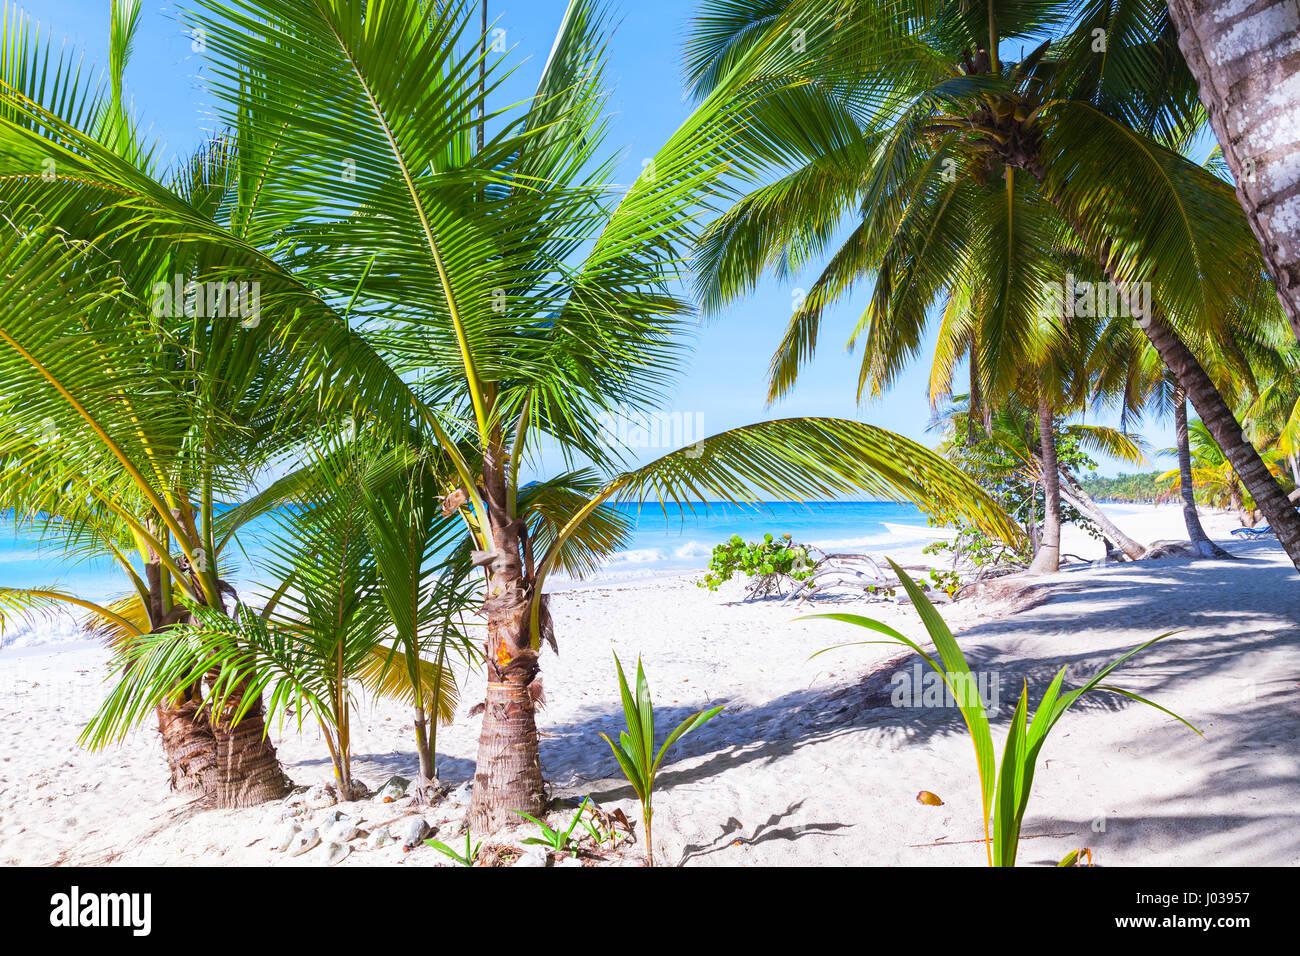 Palms poussent sur la plage. La côte de sable blanc de la mer des Caraïbes, la République dominicaine, Photo Stock